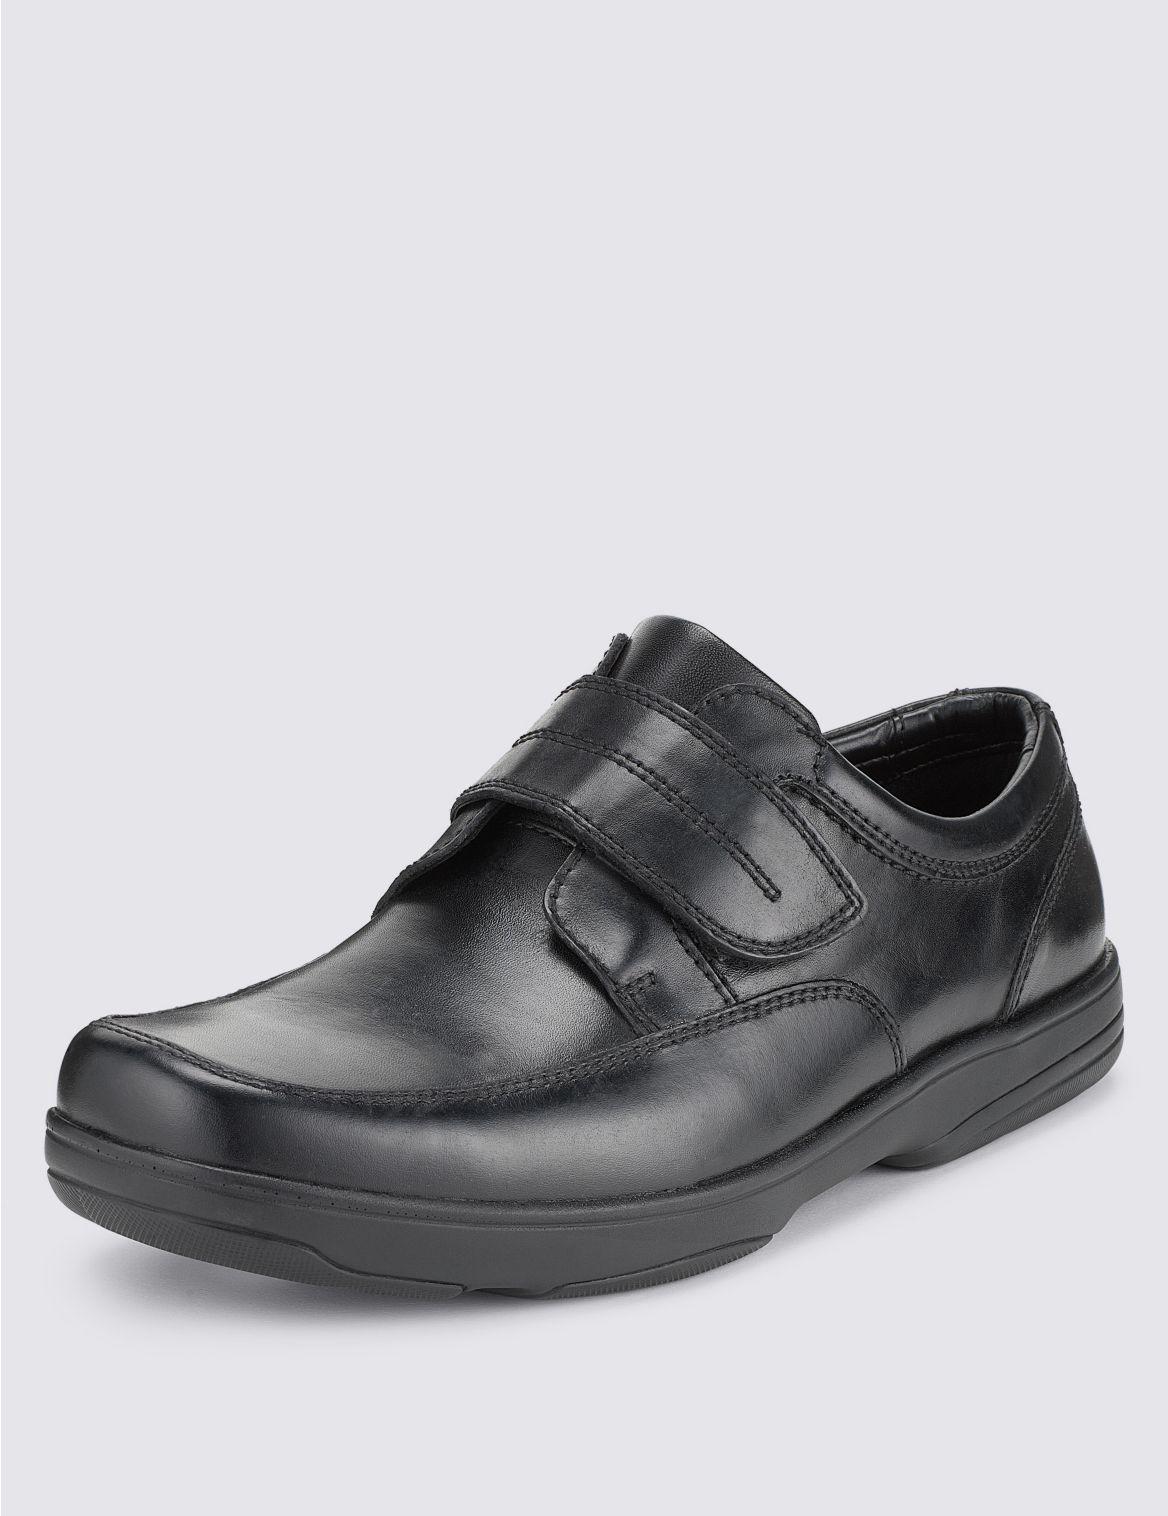 Grandes tailles– Chaussures en cuir extra-larges. StyleForme du produit:Bande auto-agrippante;Coupe:Coupe extra-large;Fermeture:Bande auto-agr